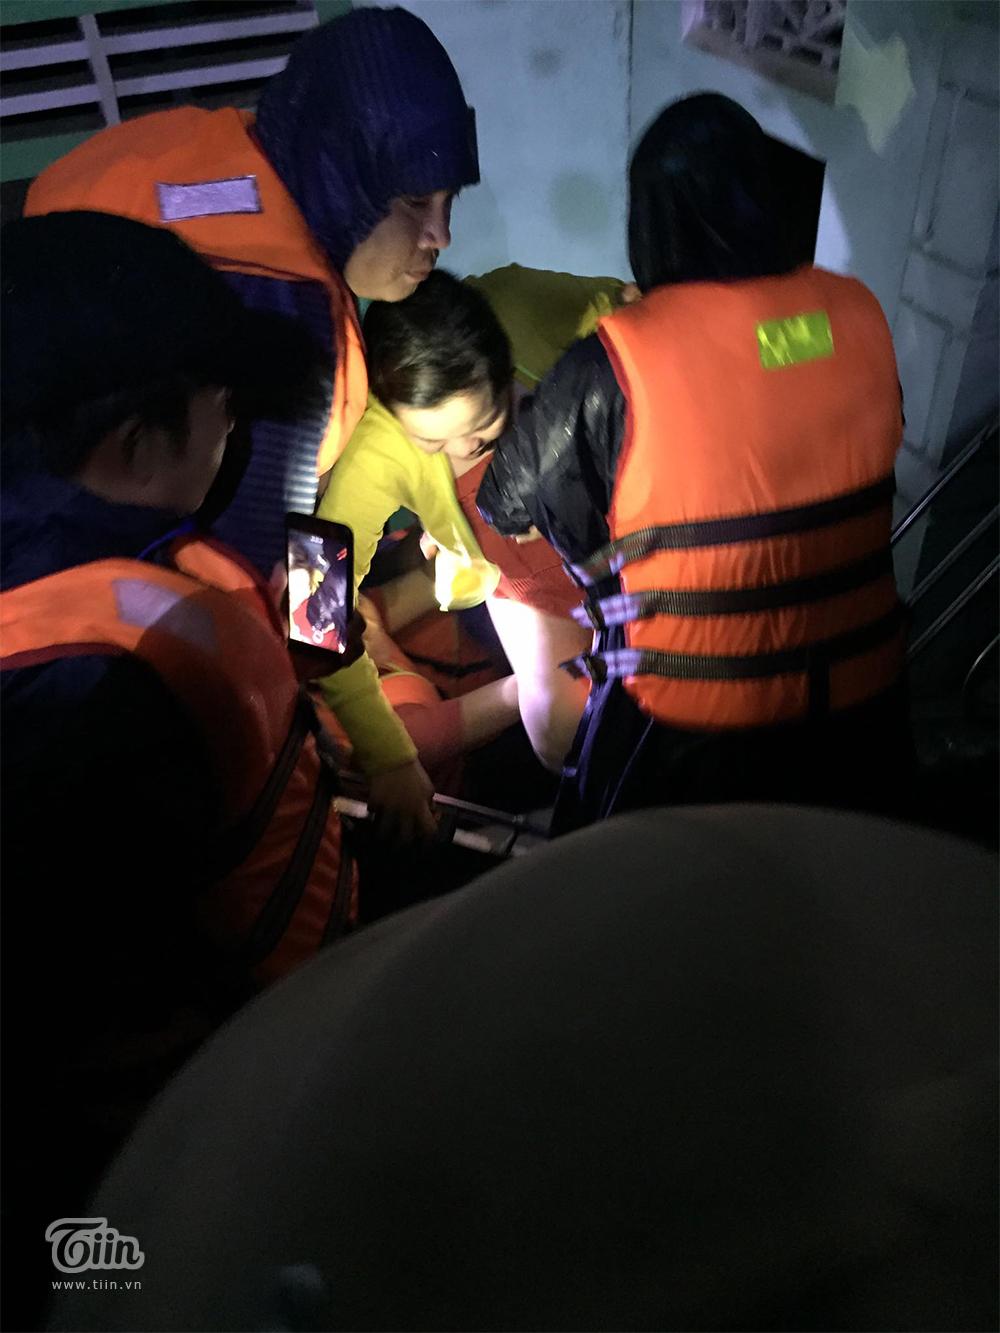 Chuyển dạ trong đêm lũ đỉnh điểm, sản phụ ở Quảng Trị được cứu hộ khẩn cấp đến viện kịp giờ sinh 2